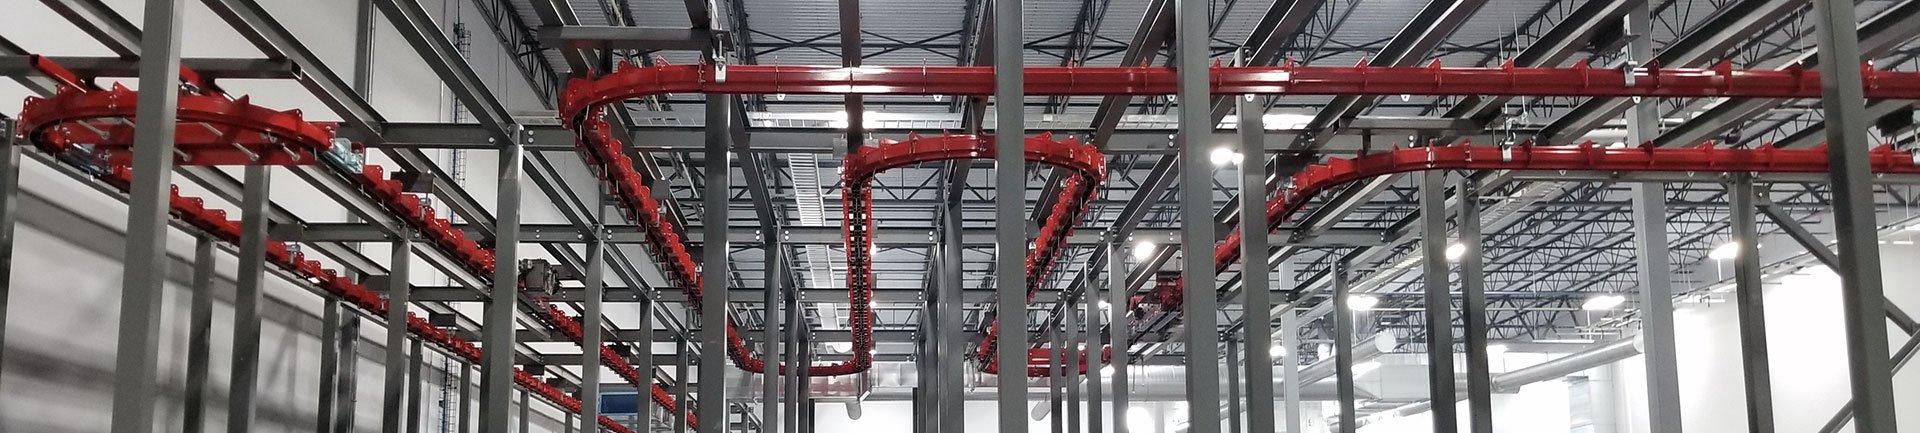 pacline overhead conveyors heavy duty conveyors